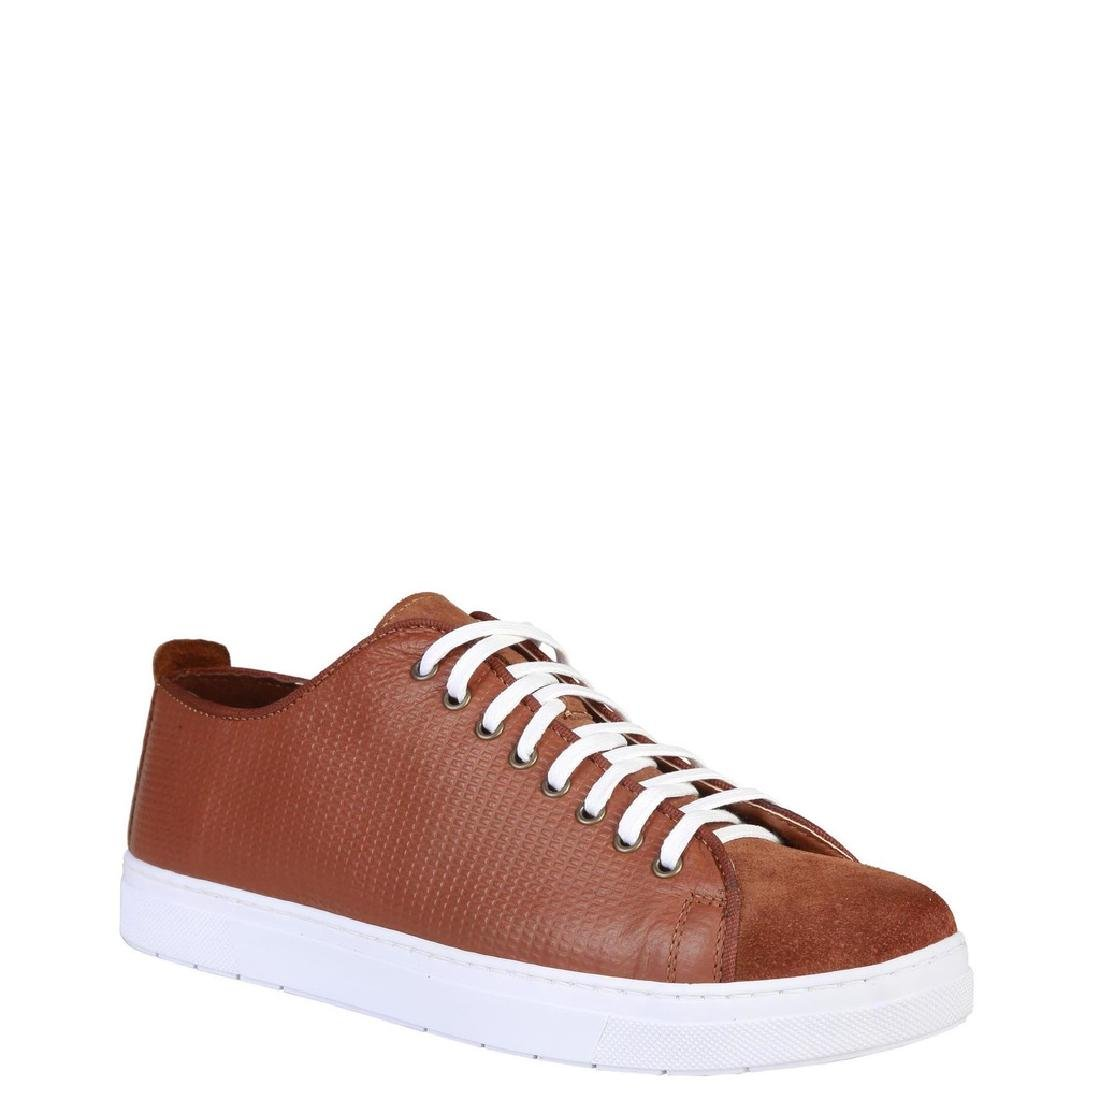 Men's Pierre Cardin Sneakers Shoes US 12